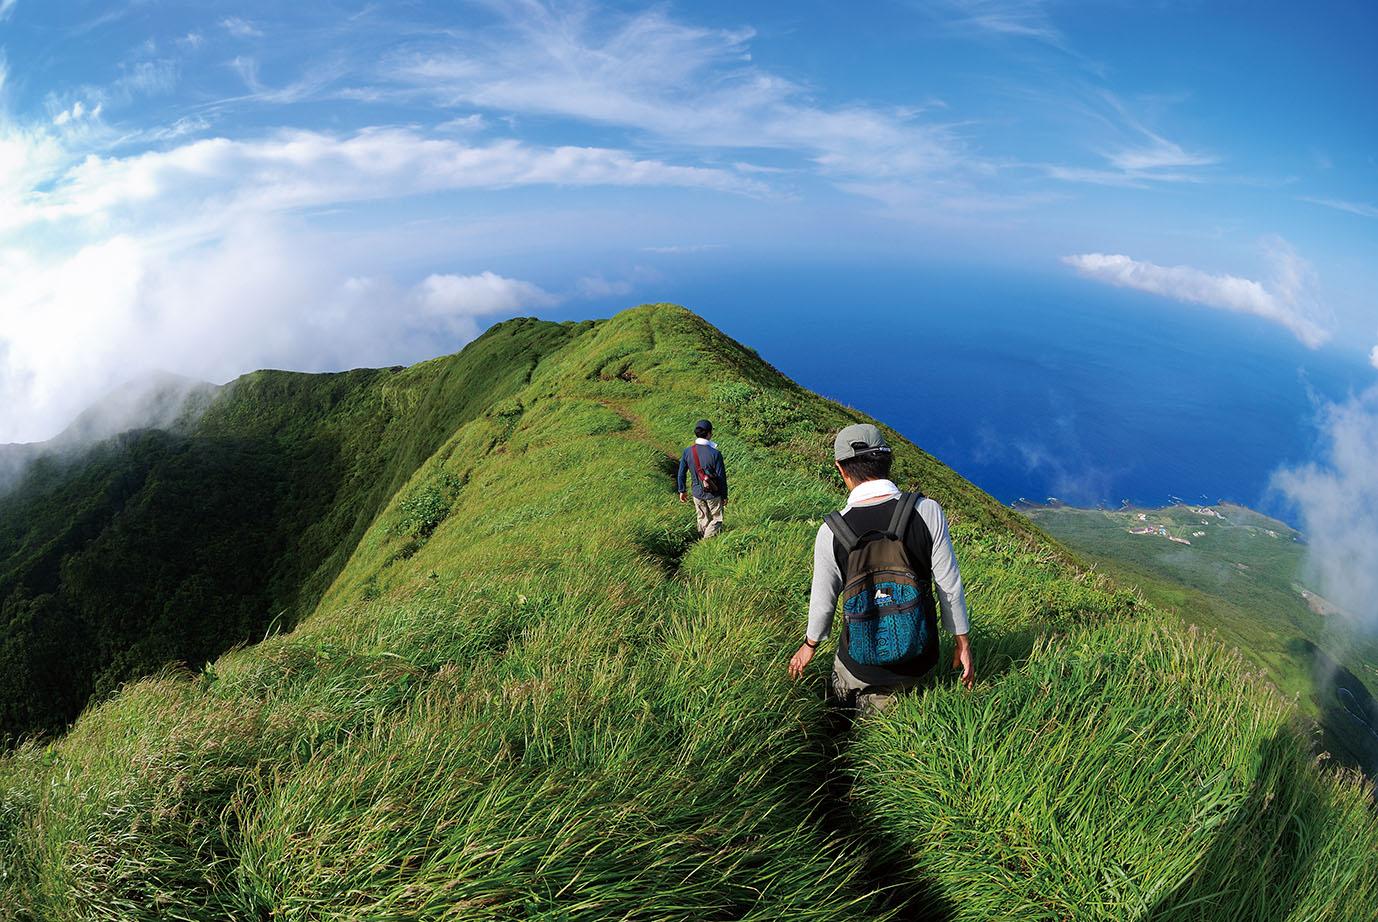 八丈島 八丈富士のイメージ